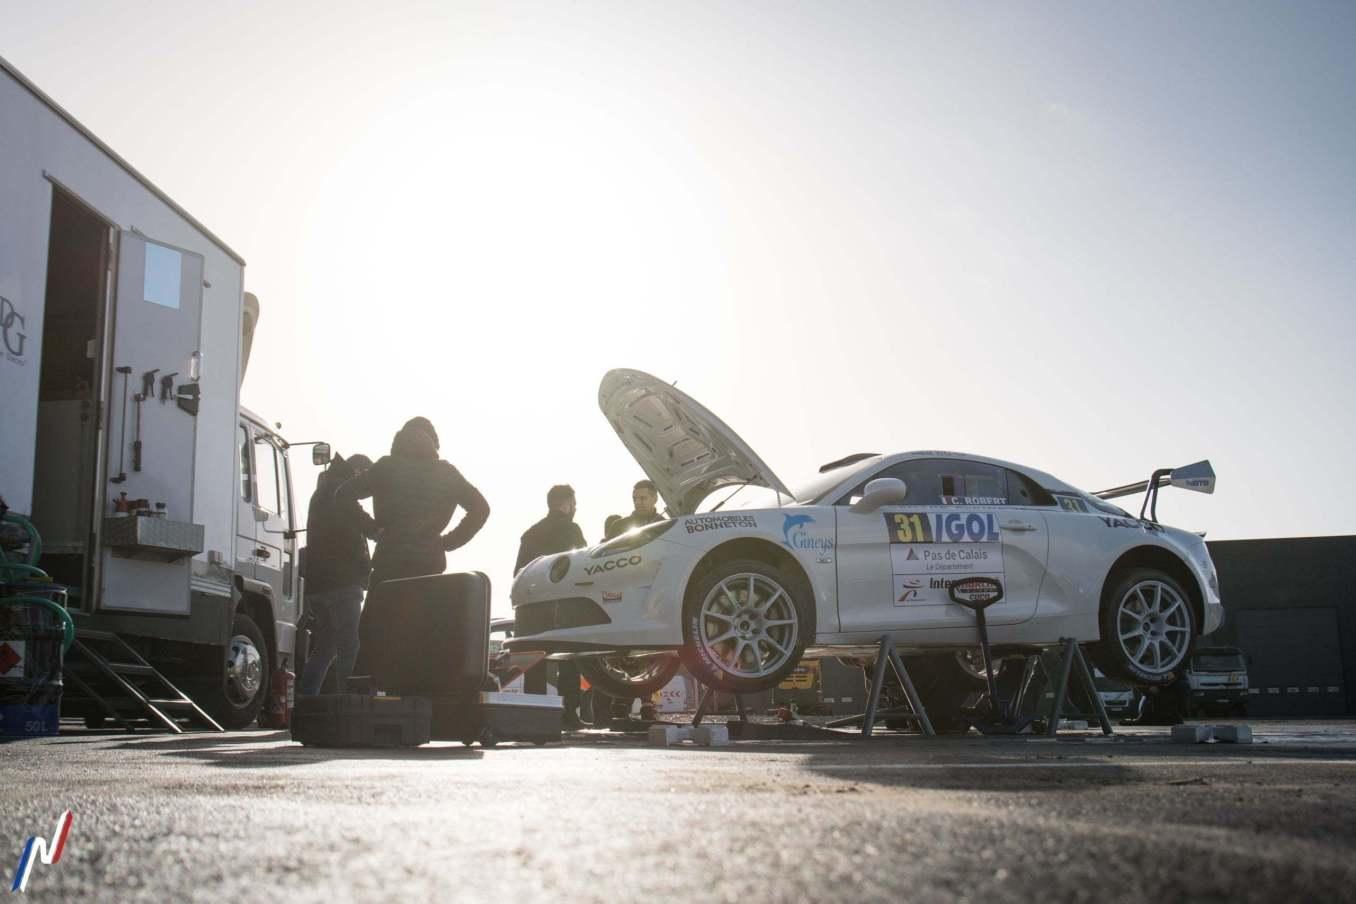 Rallye Touquet 2020 RGT A110 rally teamFJ signatech 5 scaled | Livre Alpine, le retour en compétition